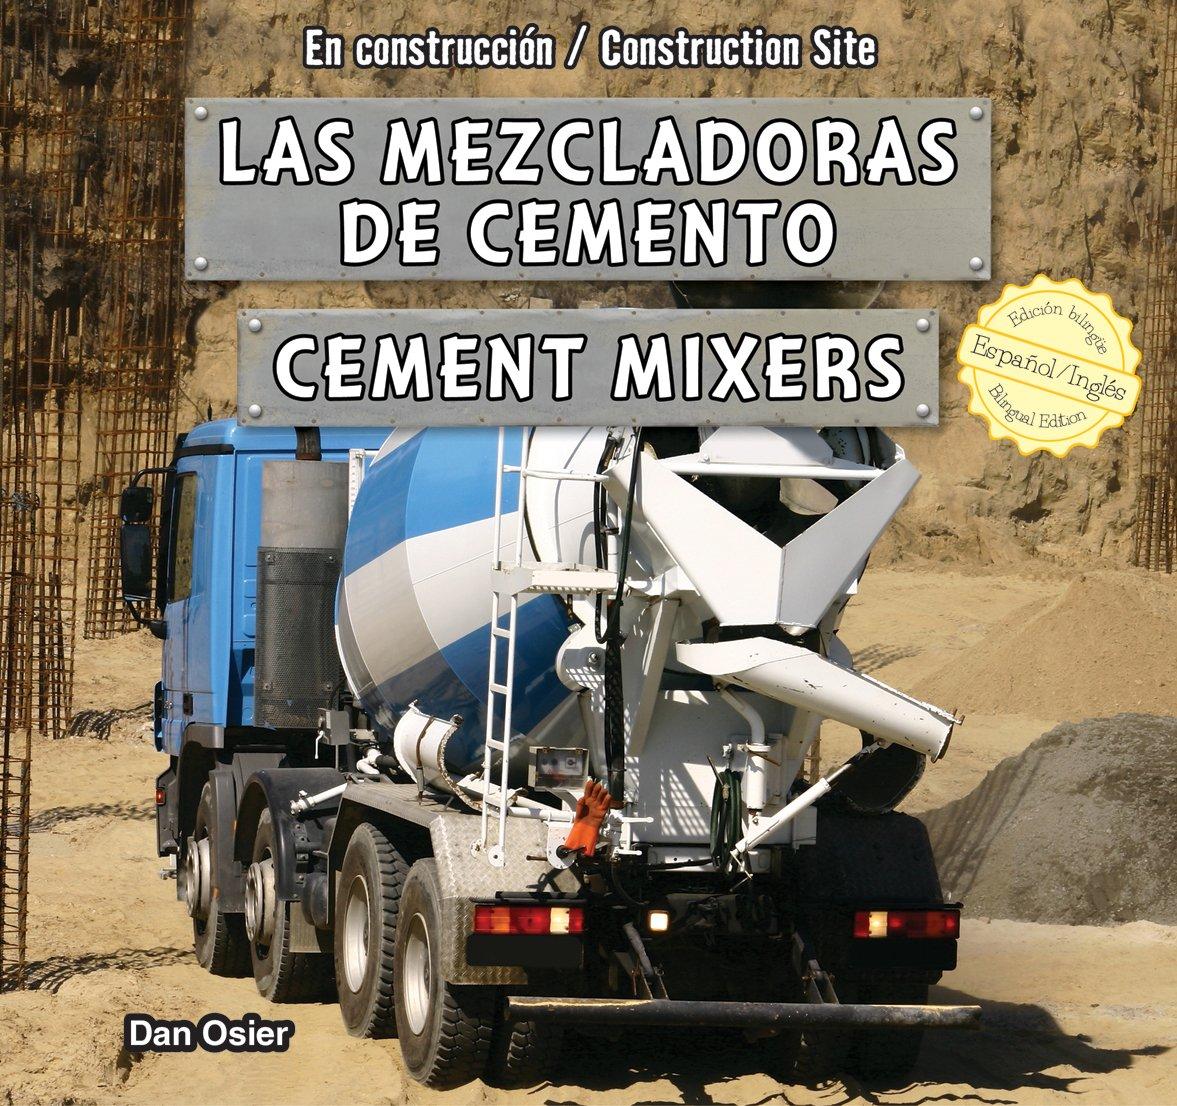 Las mezcladoras de cemento / Cement Mixers (En construccion / Construction Site) (Spanish and English Edition) by Powerkids Pr